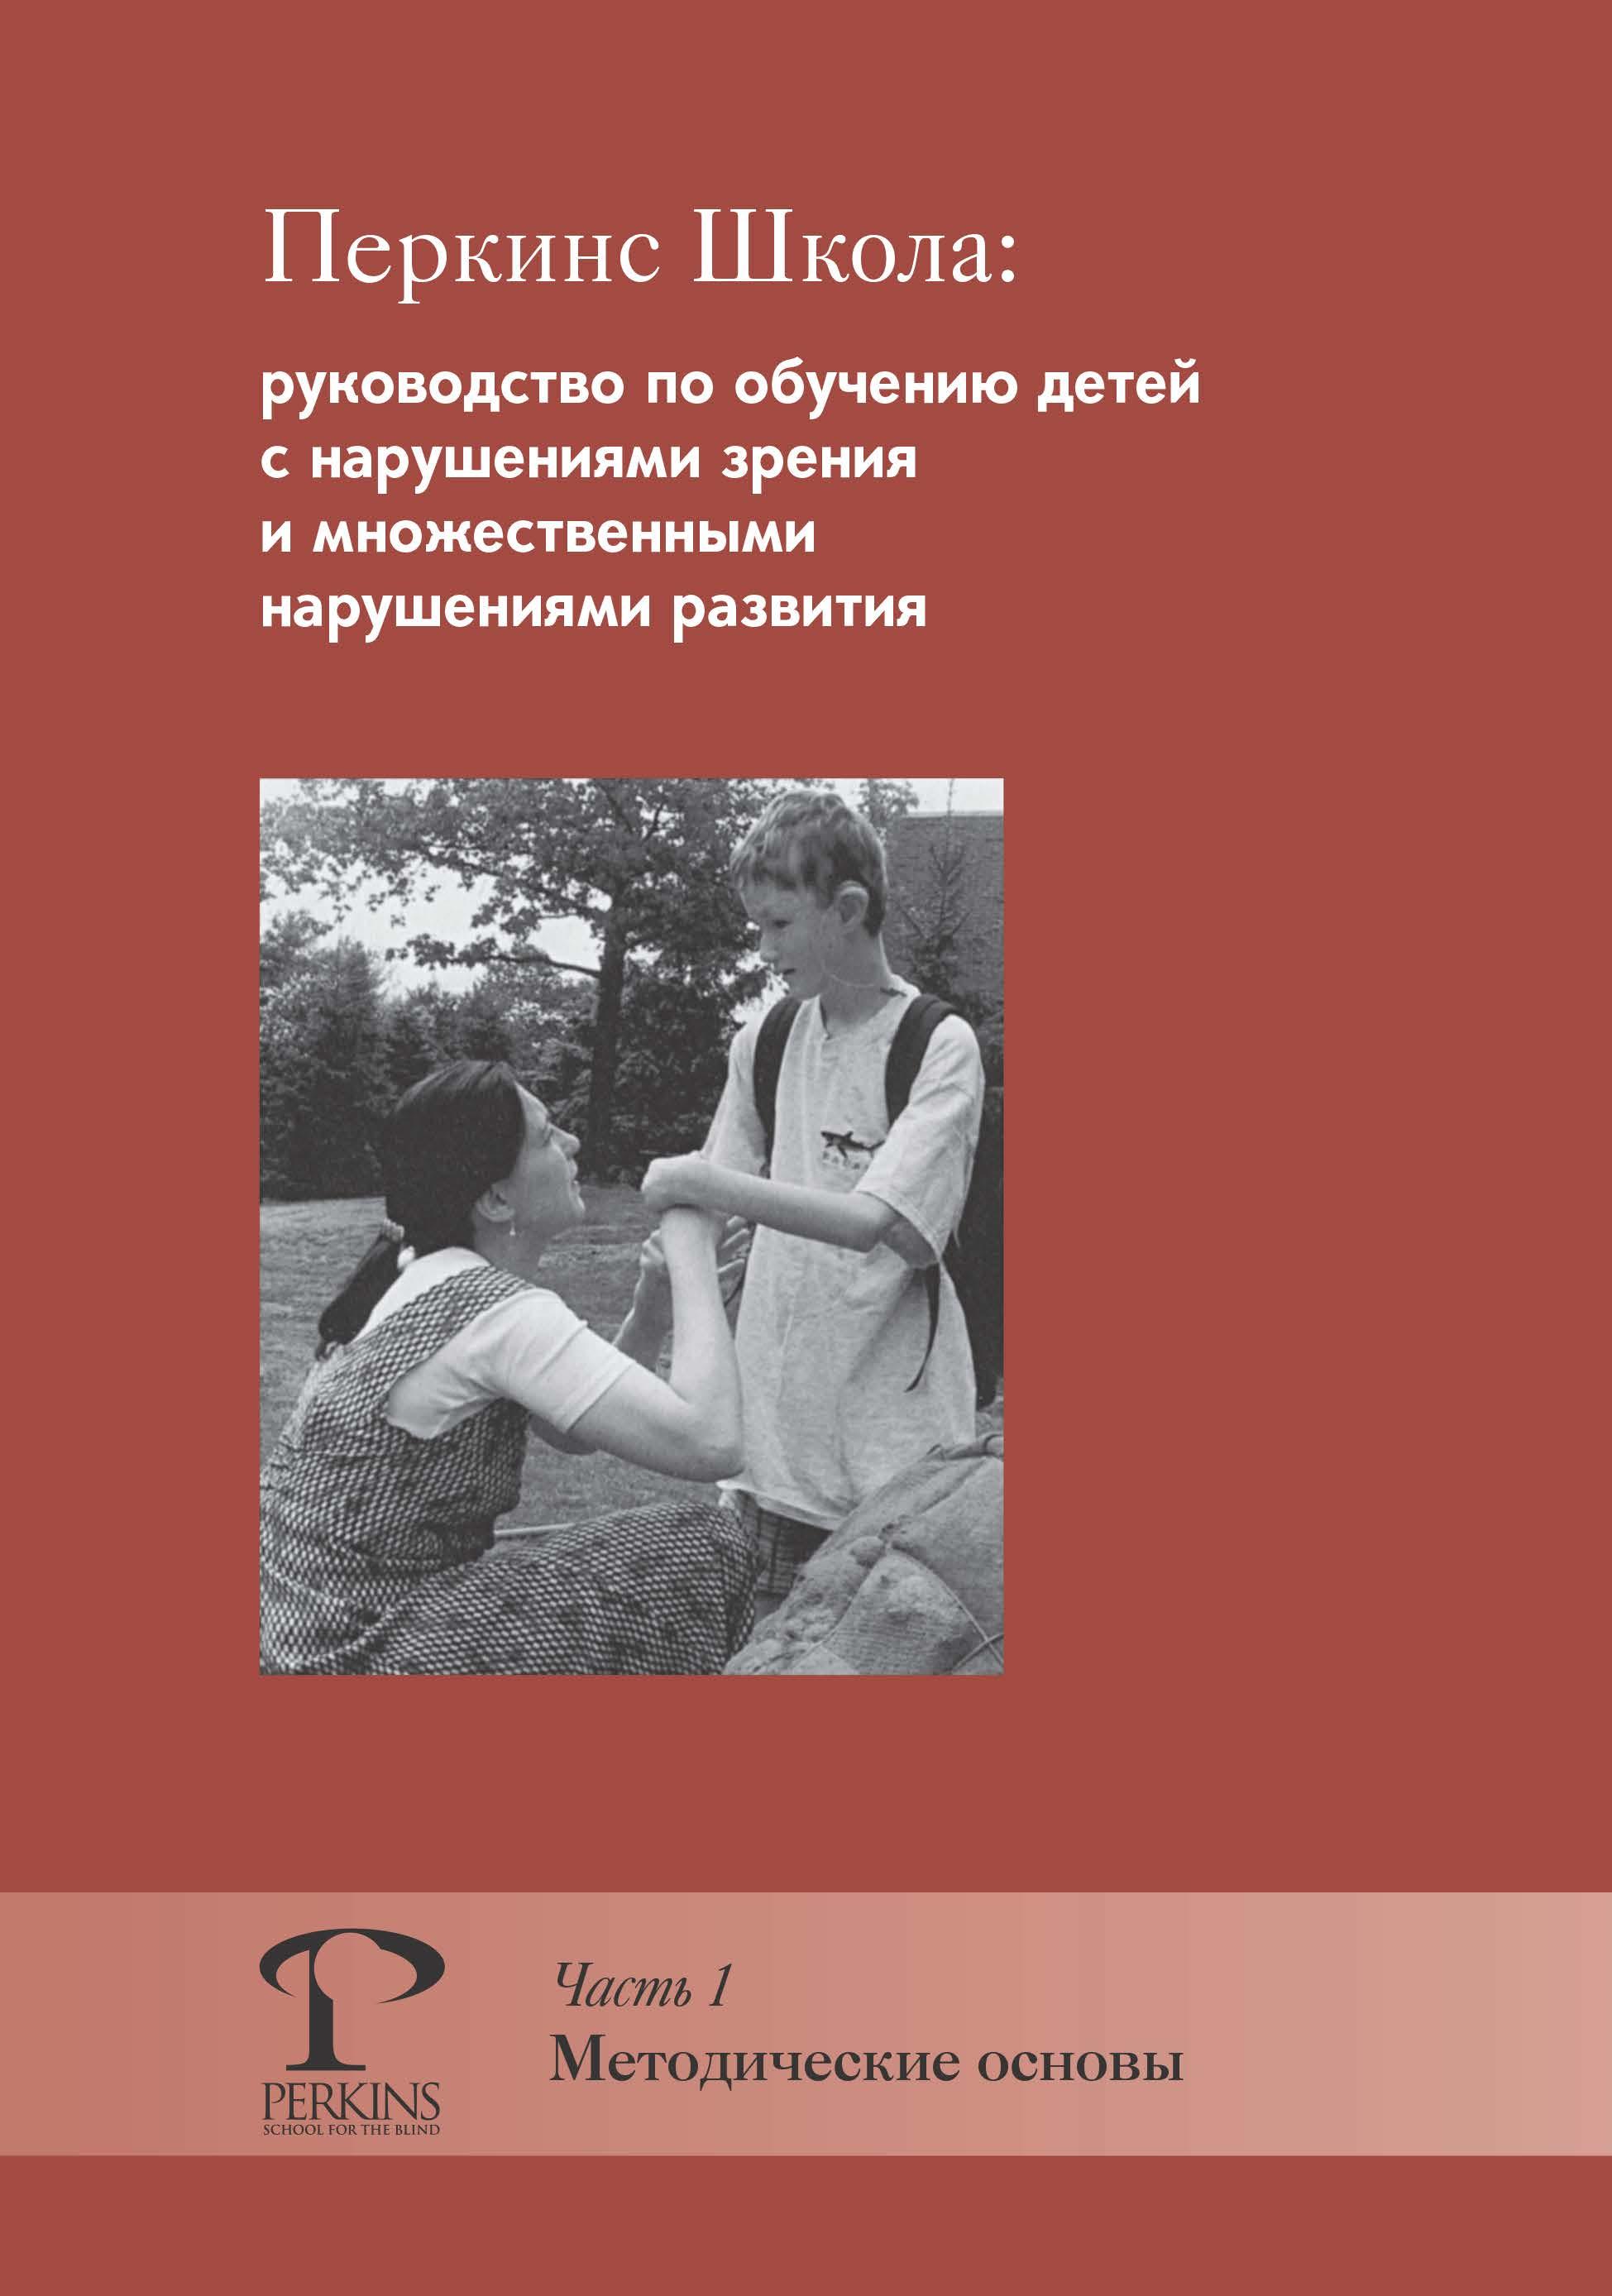 Перкинс Школа: руководство по обучению детей с нарушениями зрения и множественными нарушениями развития. Часть 1. Методические основы